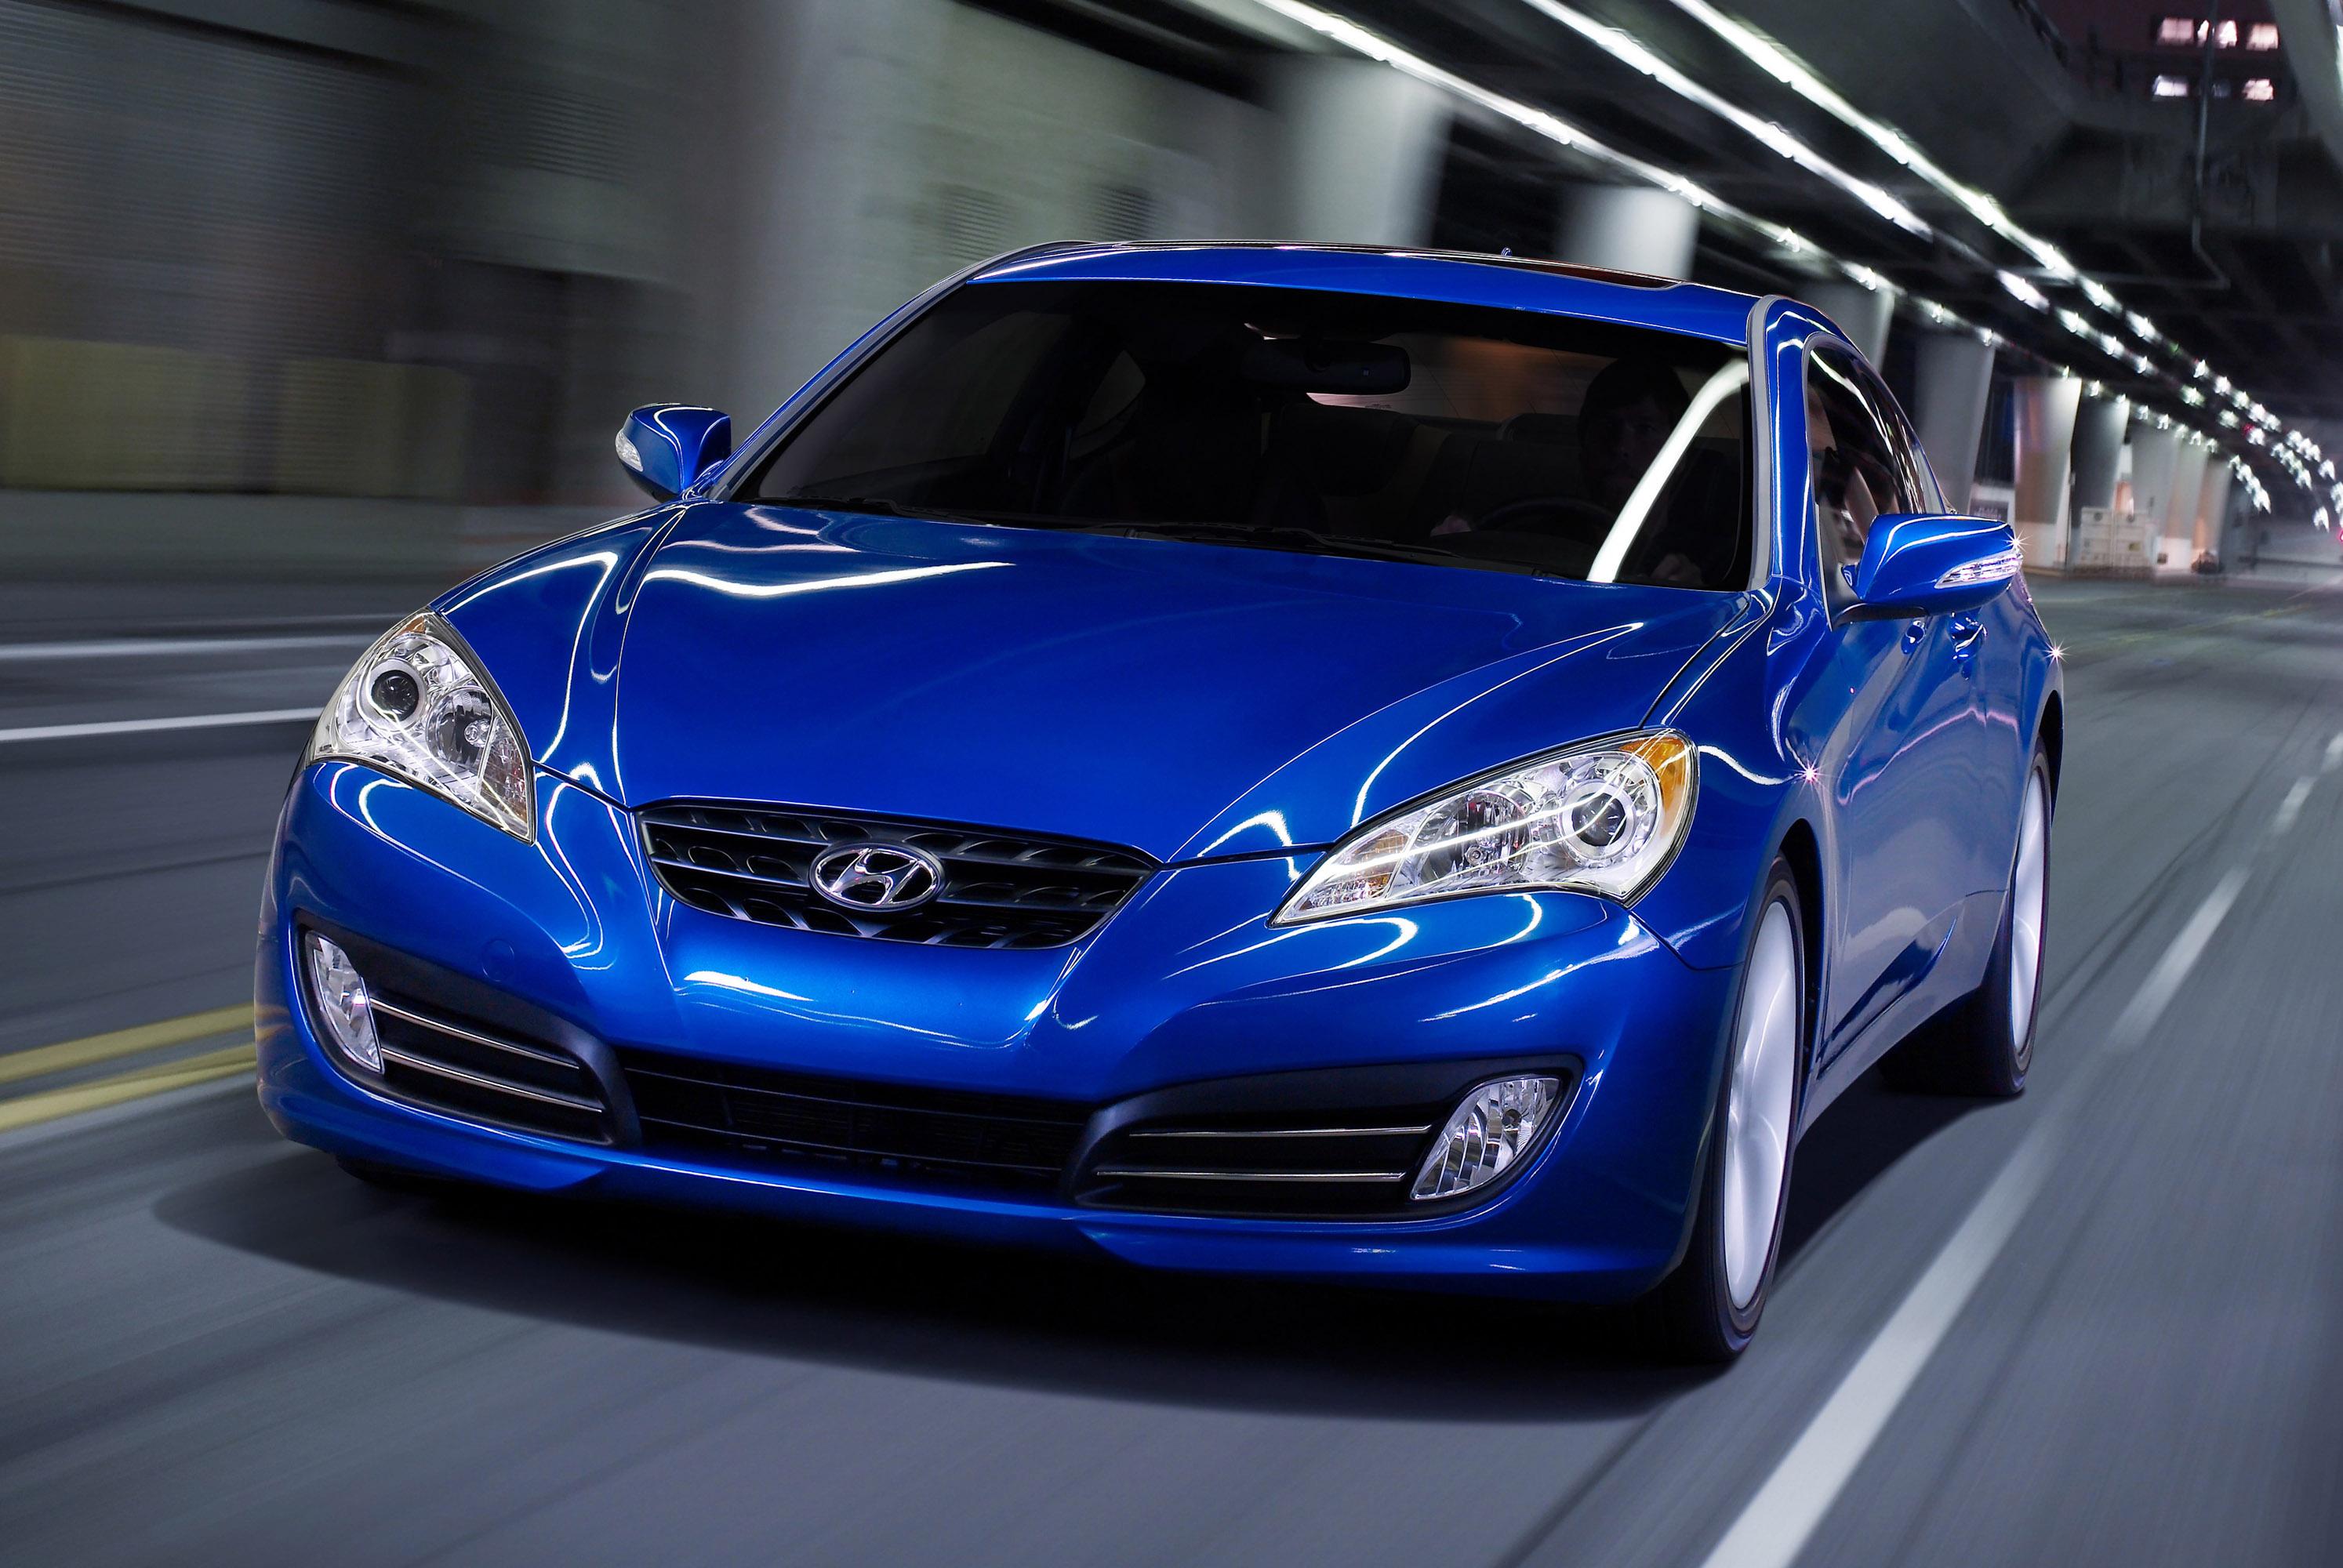 Hyundai Genesis Coupe photo #1